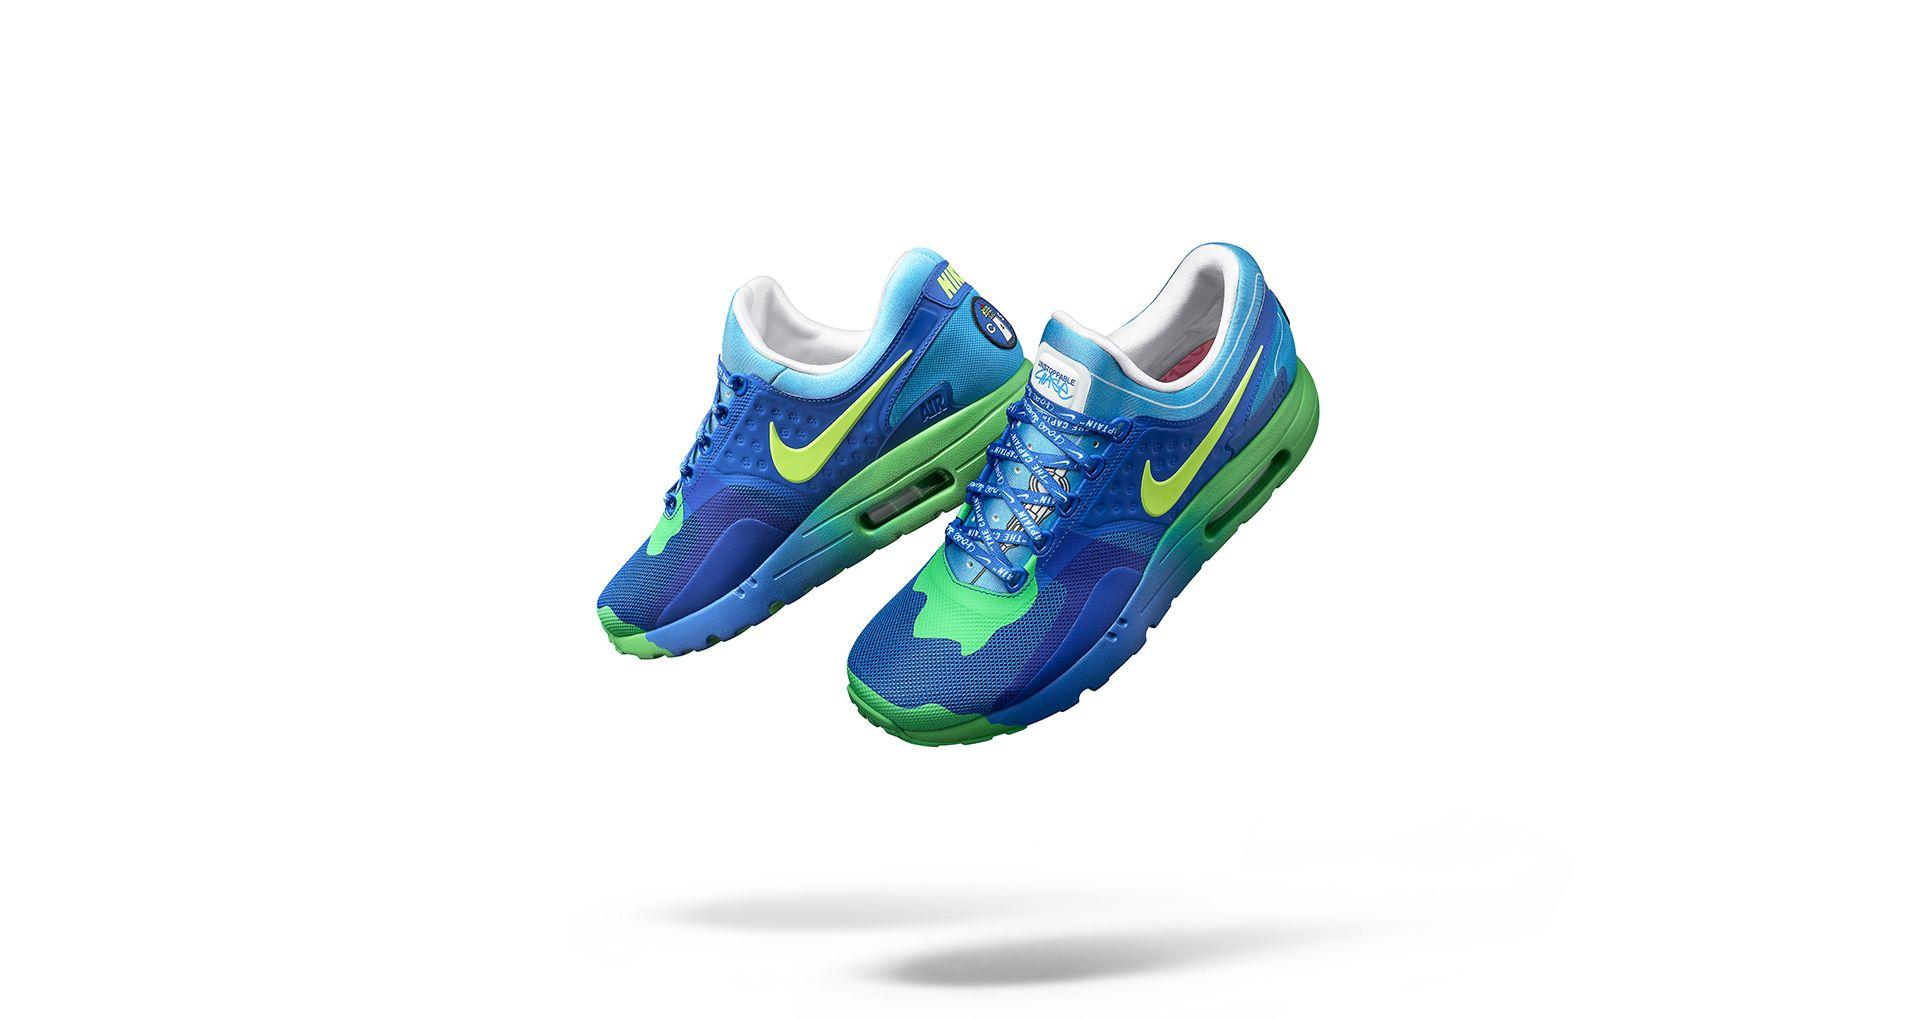 dc83a4158f Nike Air Max Zero Doernbecher 'Hyper Cobalt' Release Date. Nike+ SNKRS